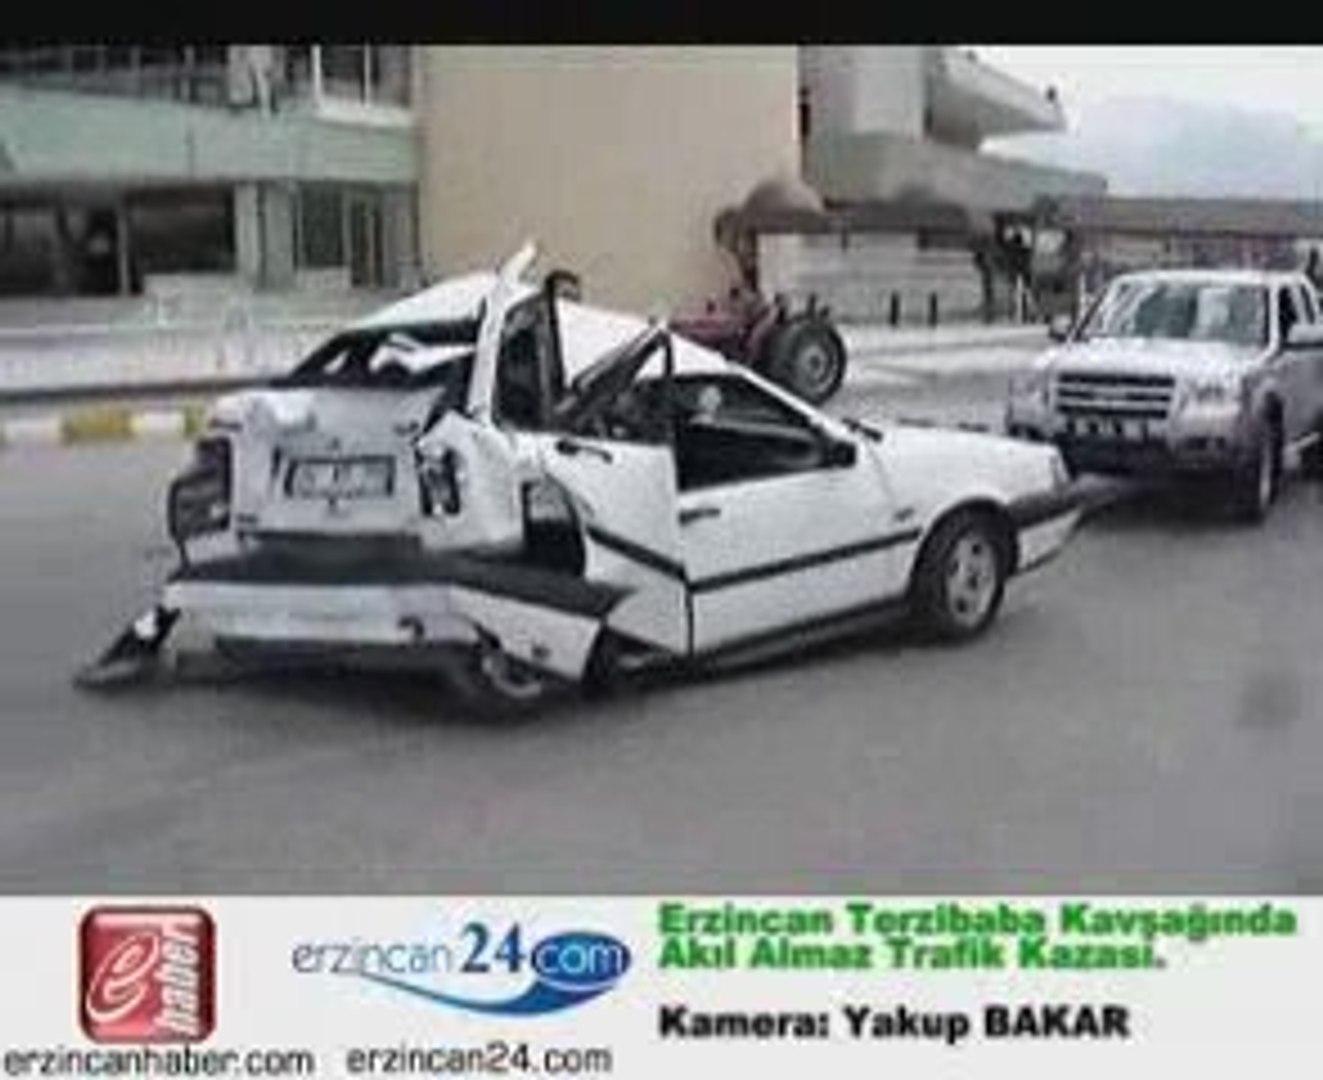 Erzincan 24 haber trafik kaza ölüm yaralı fiat tempra